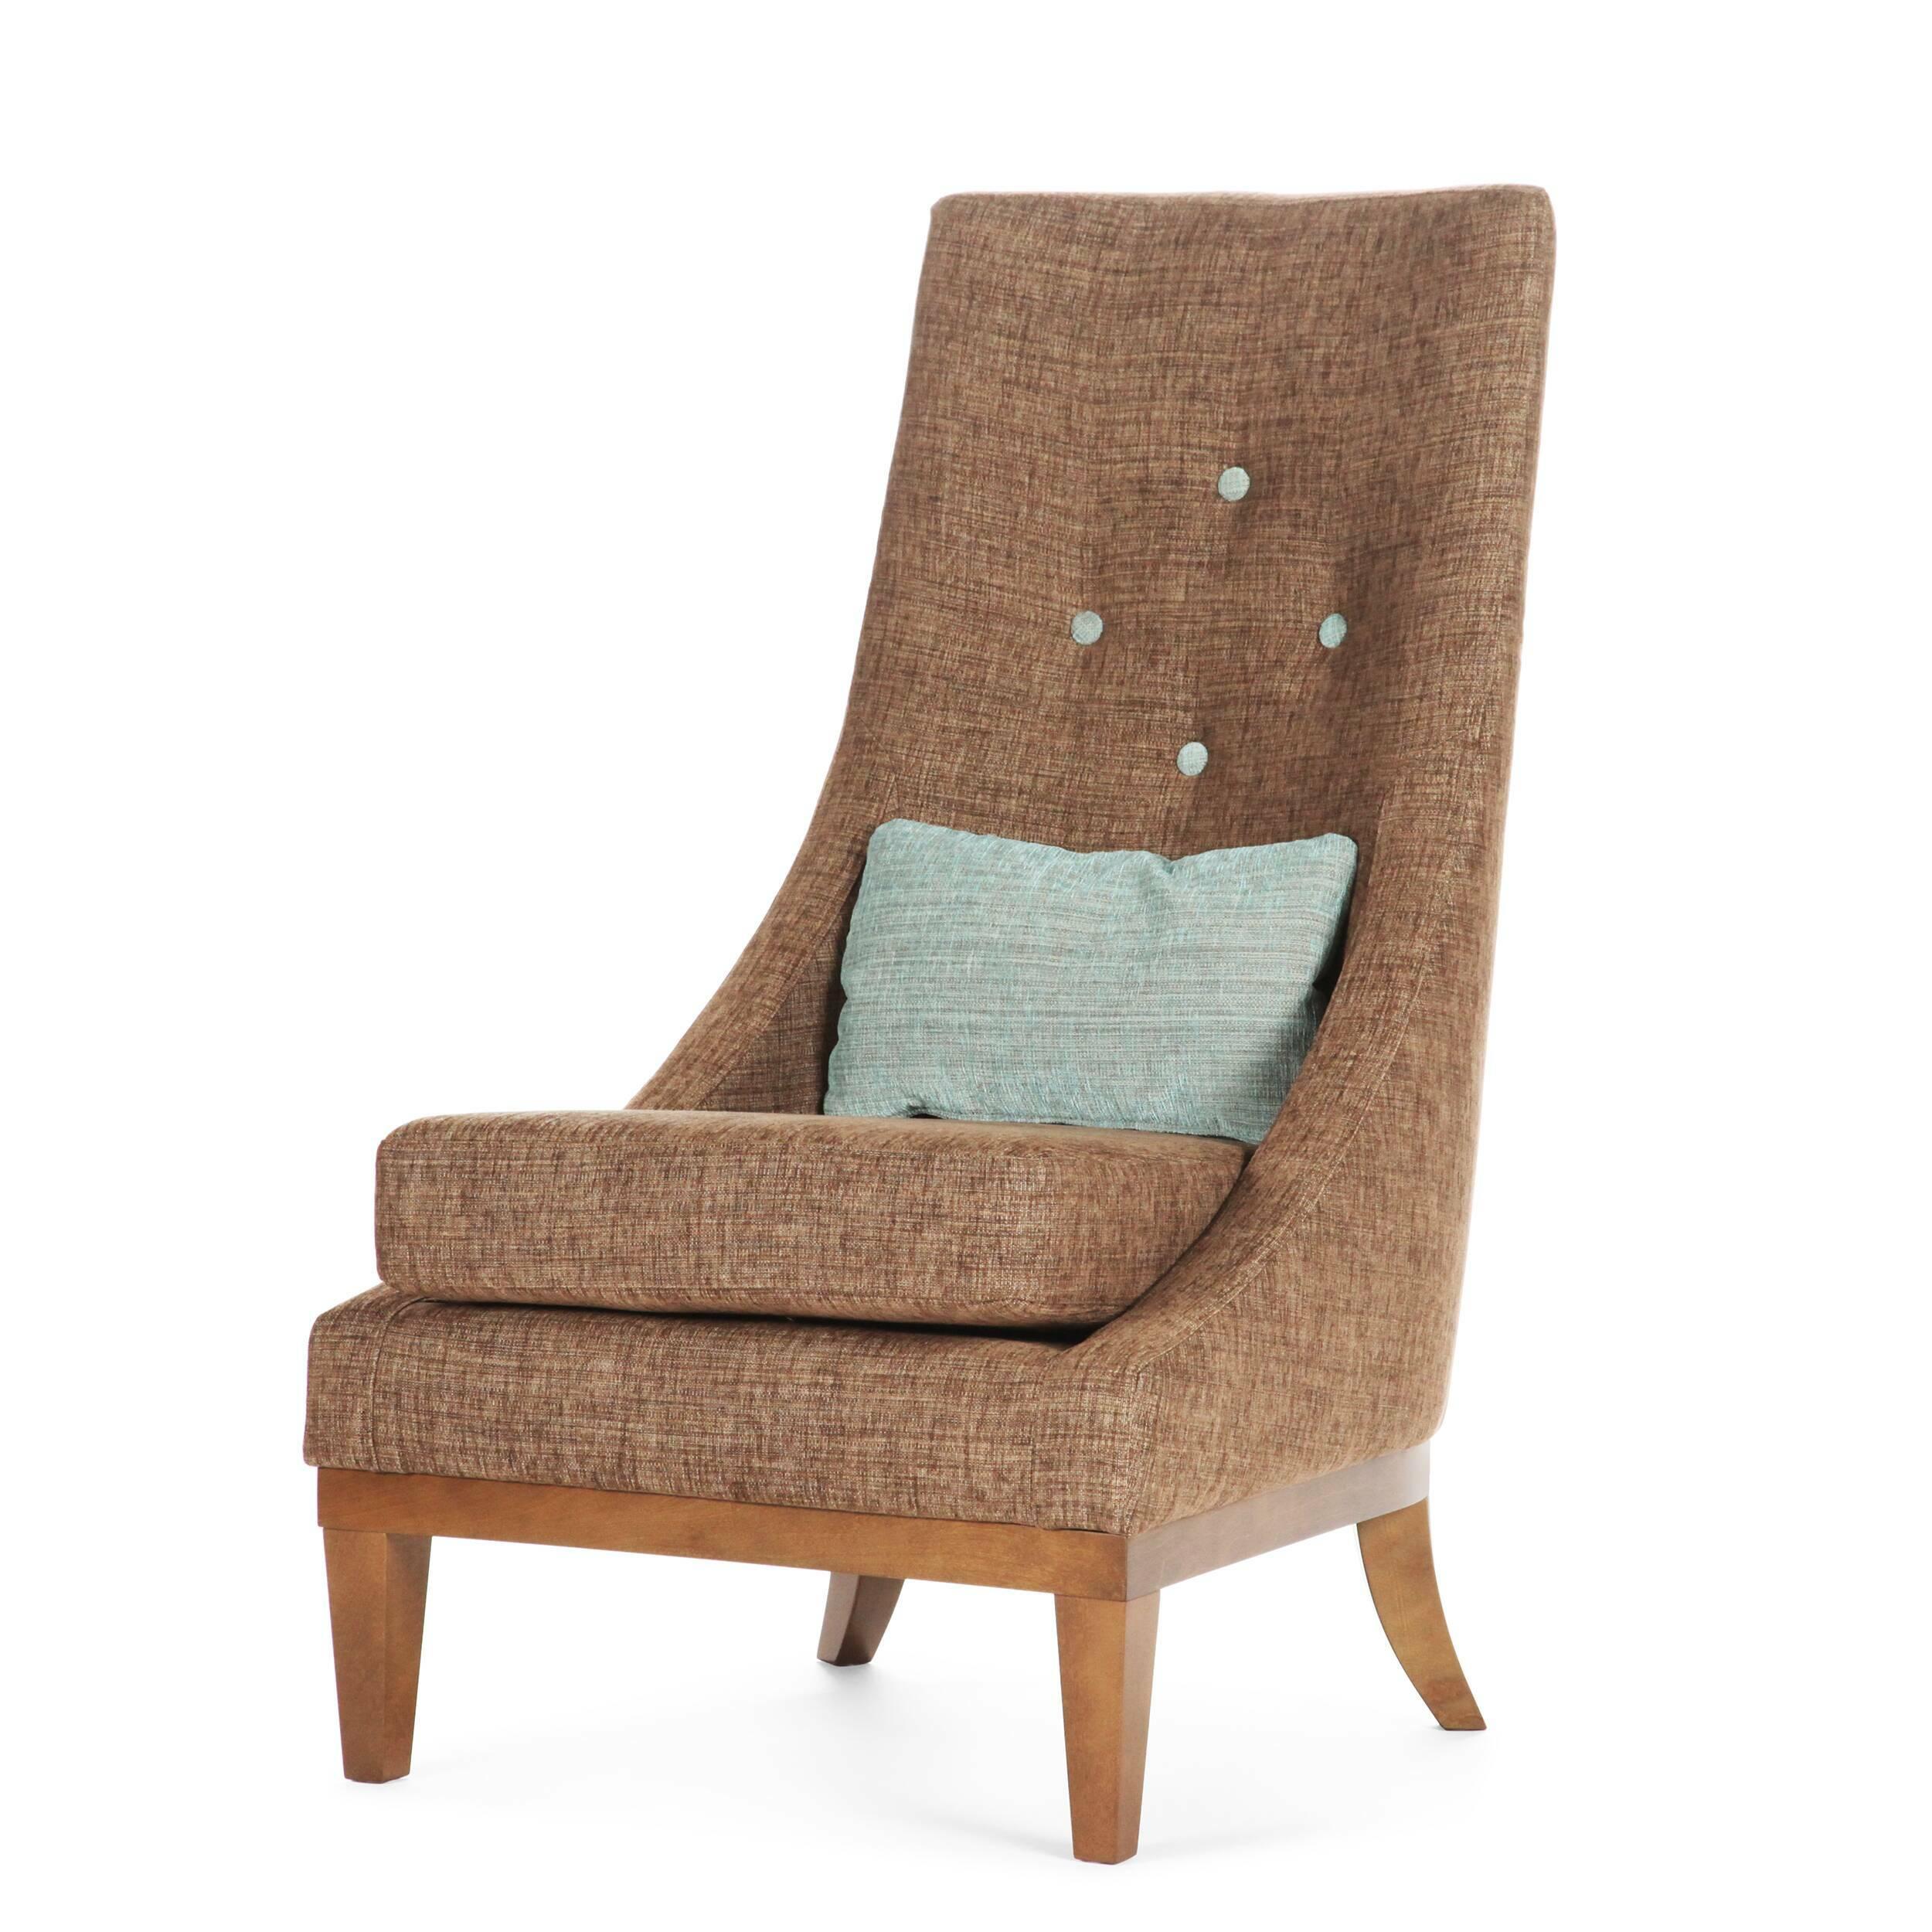 Кресло GinevraИнтерьерные<br>Дизайнерское кресло Ginevra (Гиневра) с высокой спинкой и тканевой обивкой на деревянных ножках от Sits (Ситс).<br><br><br> Ginevra — удобное стильное кресло с высокой спинкой, эргономичное и комфортное. Обивка благородного цвета и ножки из натурального дерева придают этому предмету мебели особый аристократизм, наводящий на мысль о временах короля Артура, отважных рыцарей и прекрасных дам. Королева Гвиневра тогда царила при дворе, покоряя сердца и заставляя биться за нее самых знаменитых рыцарей ...<br><br>stock: 1<br>Высота: 103<br>Высота сиденья: 43<br>Ширина: 62<br>Глубина: 85<br>Цвет ножек: Орех<br>Цвет подушки: Бирюзовый<br>Материал подушки: Полиэстер, Акрил<br>Материал обивки: Полиэстер, Акрил<br>Степень комфортности: Стандарт комфорт<br>Материал пуговиц: Полиэстер, Акрил<br>Цвет пуговиц: Бирюзовый<br>Коллекция ткани: Категория ткани II<br>Тип материала обивки: Ткань<br>Тип материала ножек: Дерево<br>Цвет обивки: Коричневый